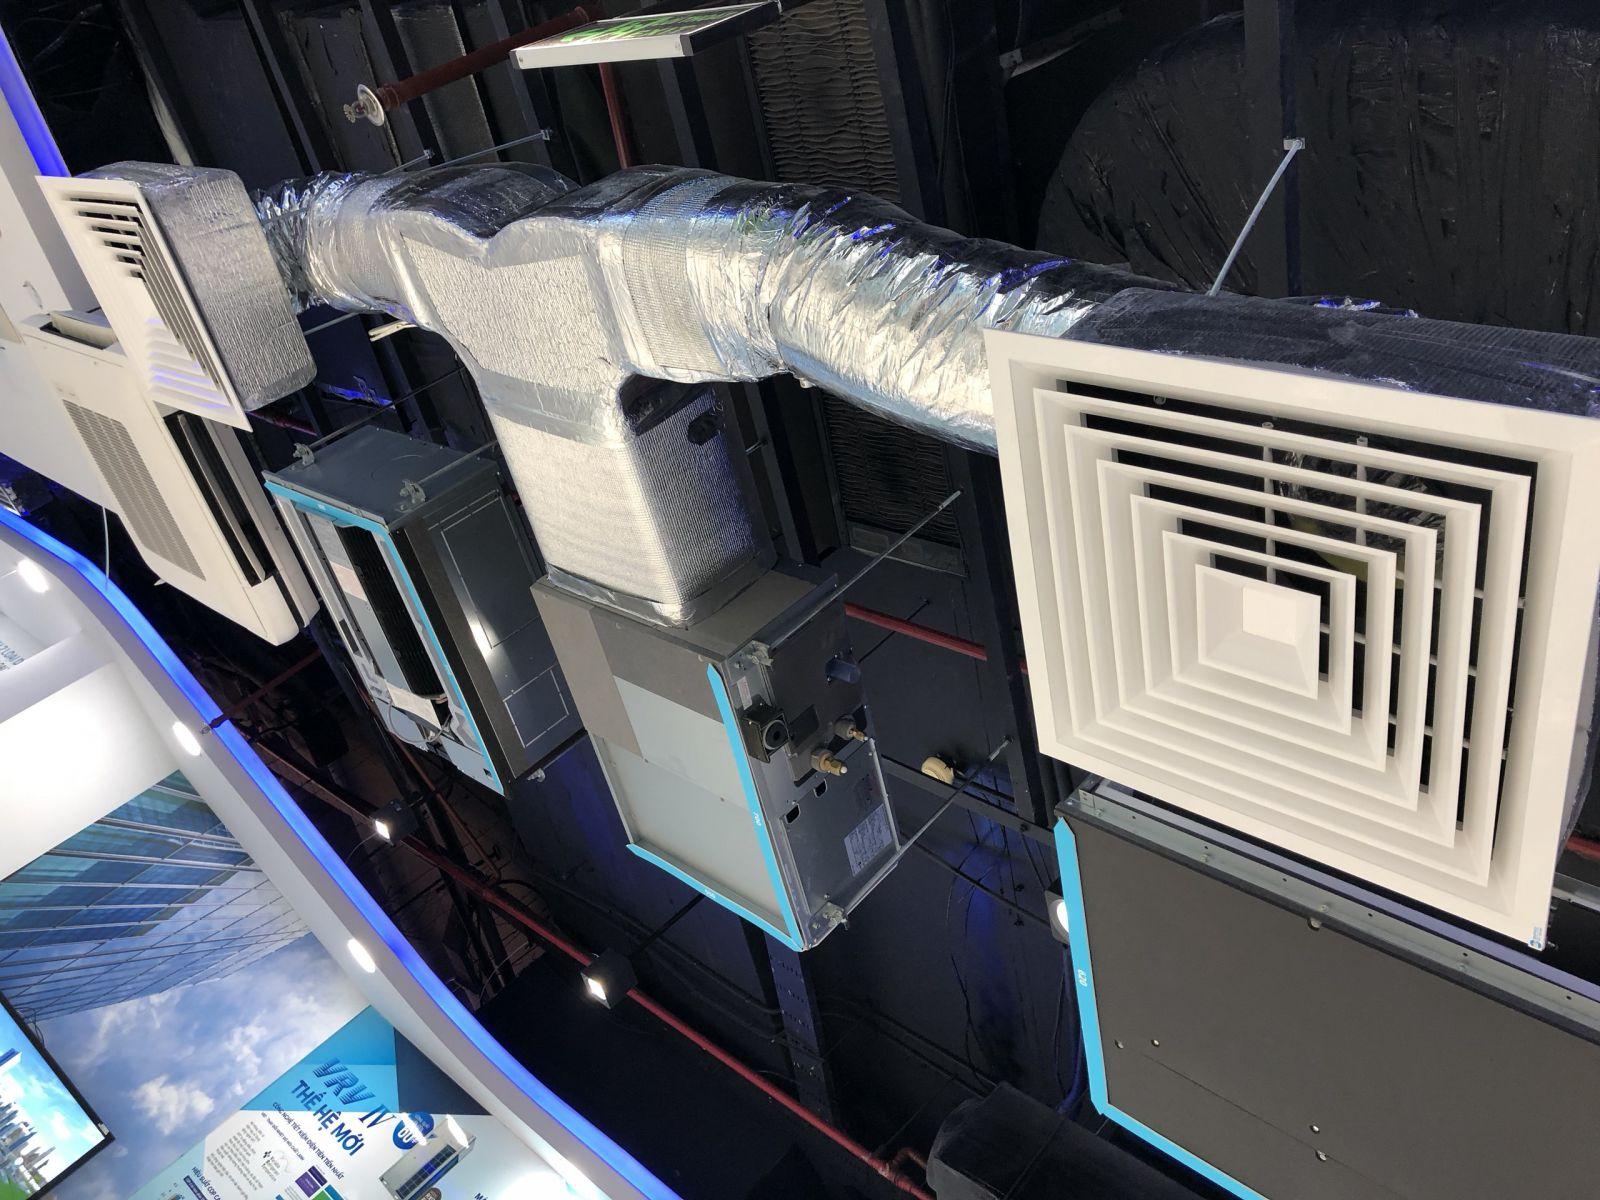 Máy lạnh tủ đứng công nghiệp nối ống gió Daikin – Đơn vị bán hàng và lắp đặt uy tín - 266587